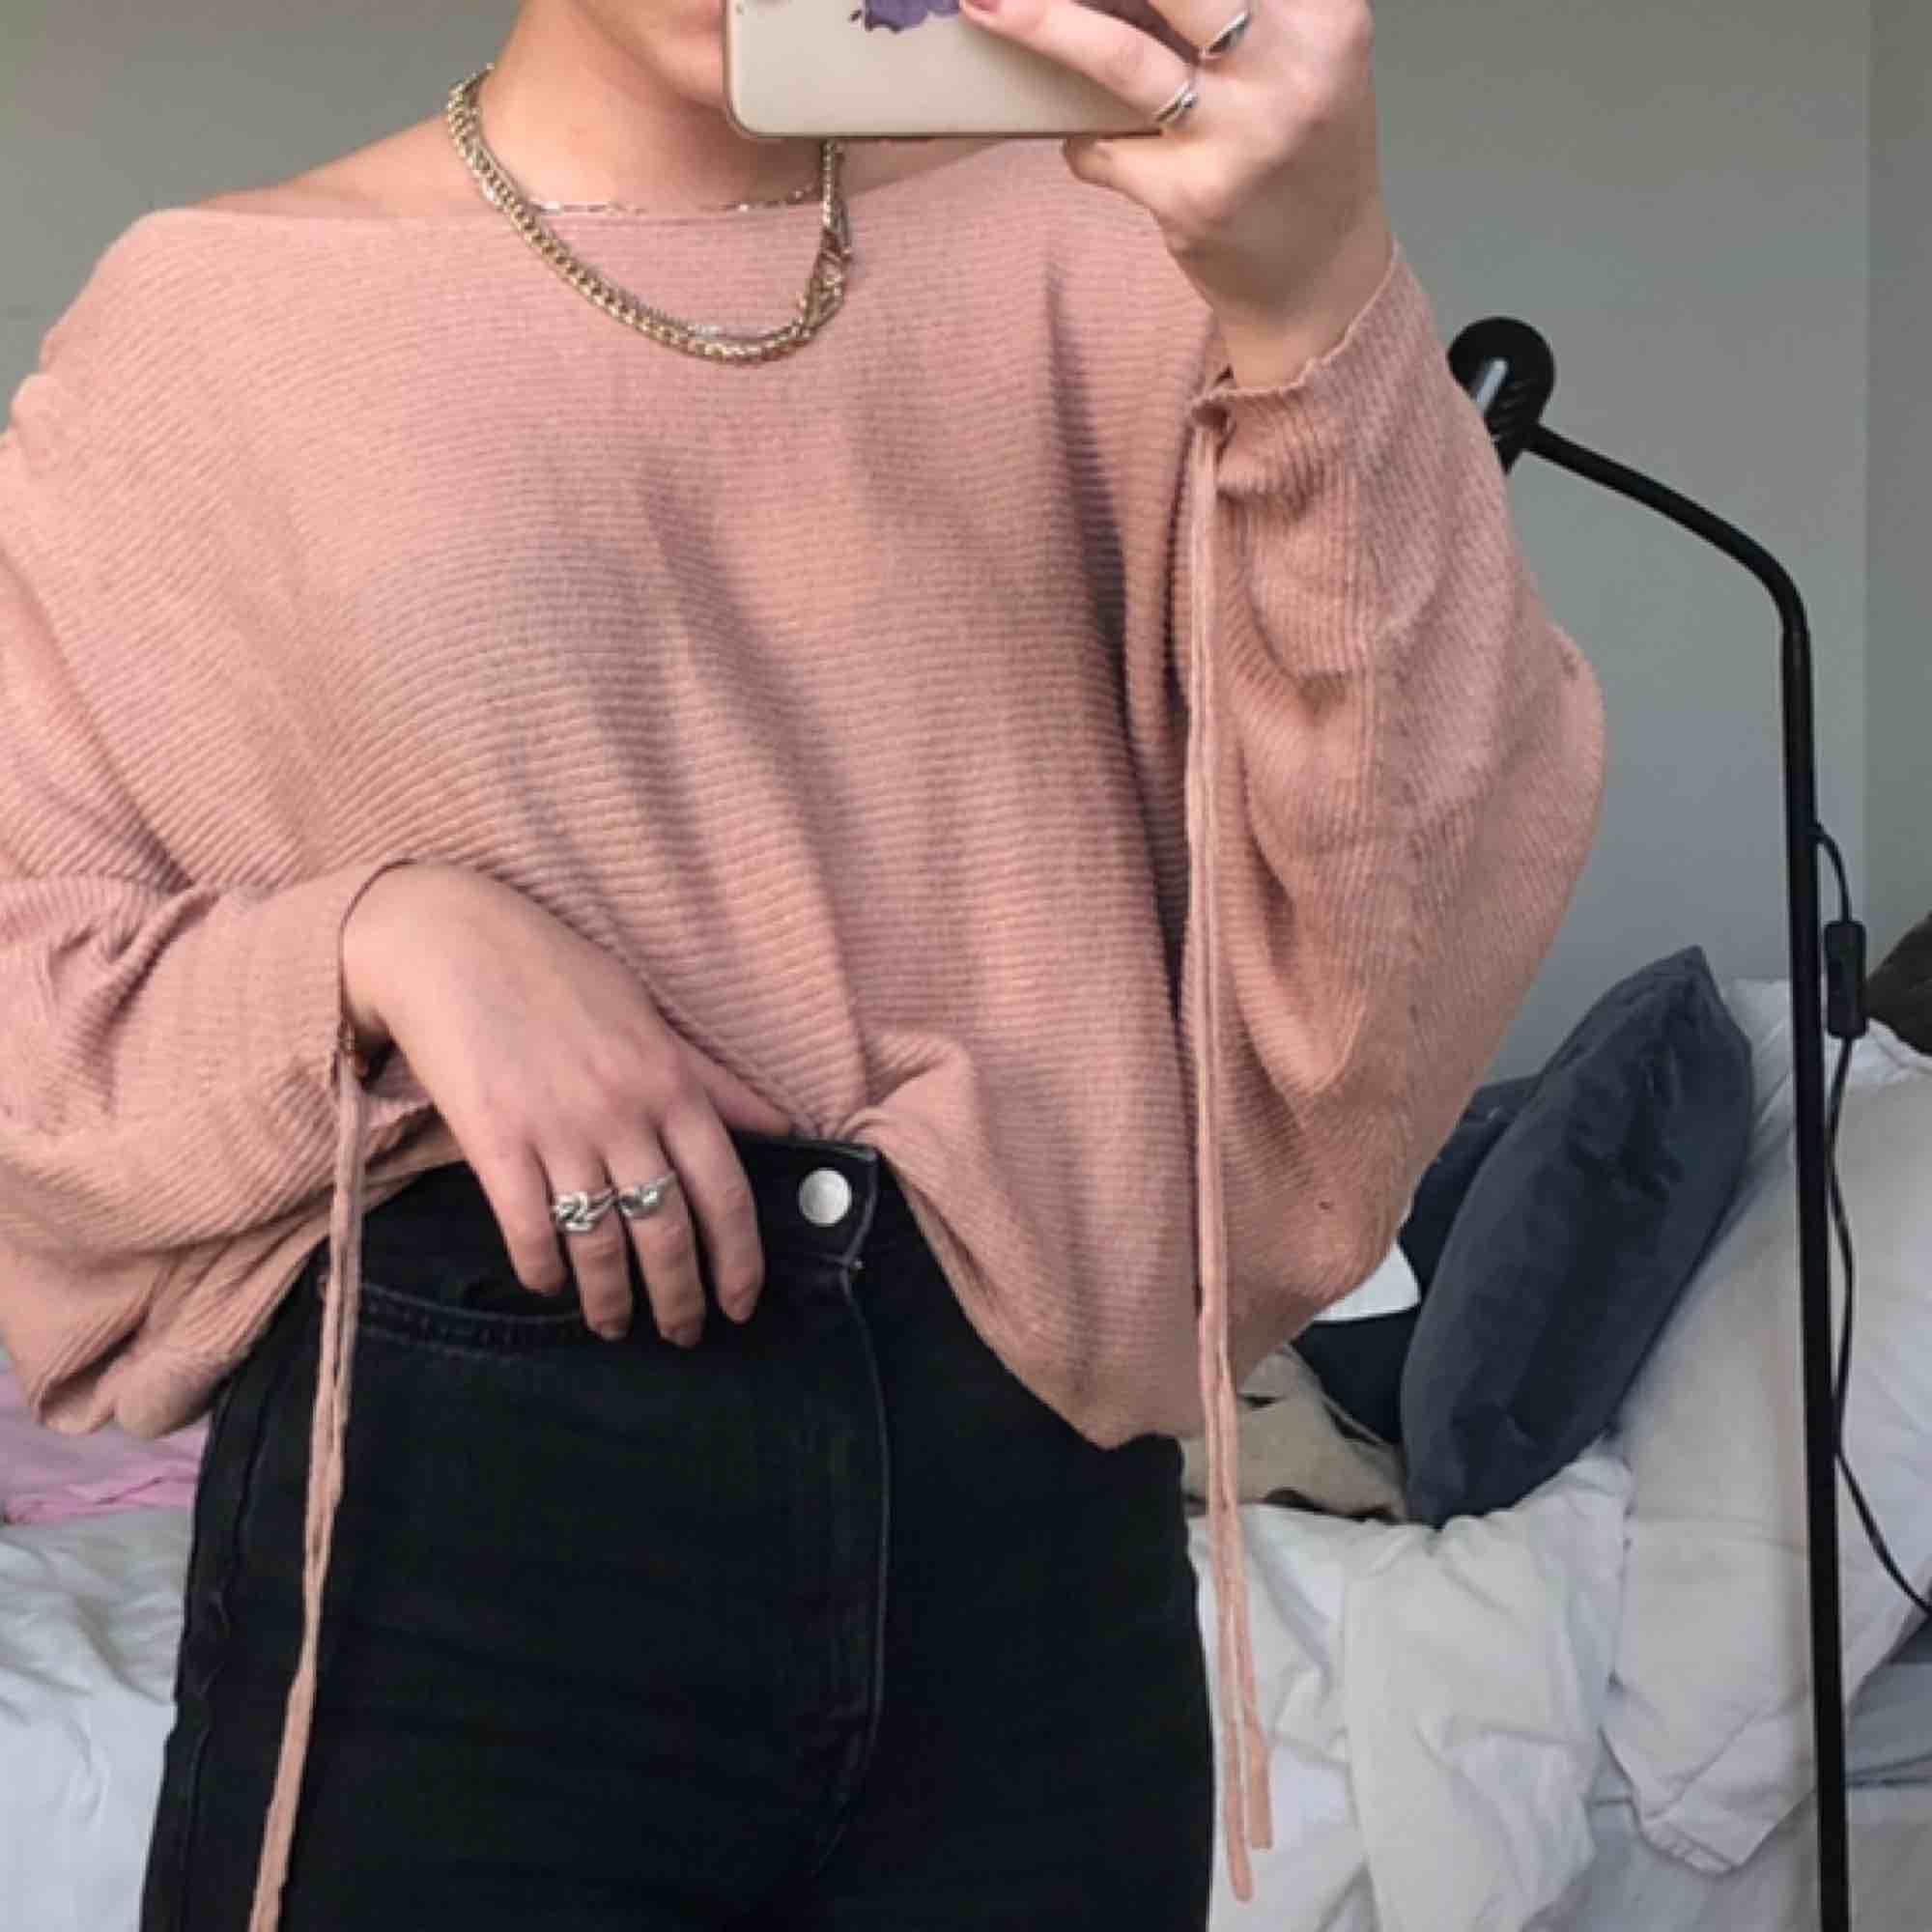 """Ribbad & skitmjuk mysig beige/rosa tröja i """"fladdermus"""" modell från Zara😌💖 har snörning i ärmarna så de kan ändra längd och utseende🤯 Är i S men den är rätt stor i storleken, så passar nog de flesta😍 köparen står för frakten. Tröjor & Koftor."""